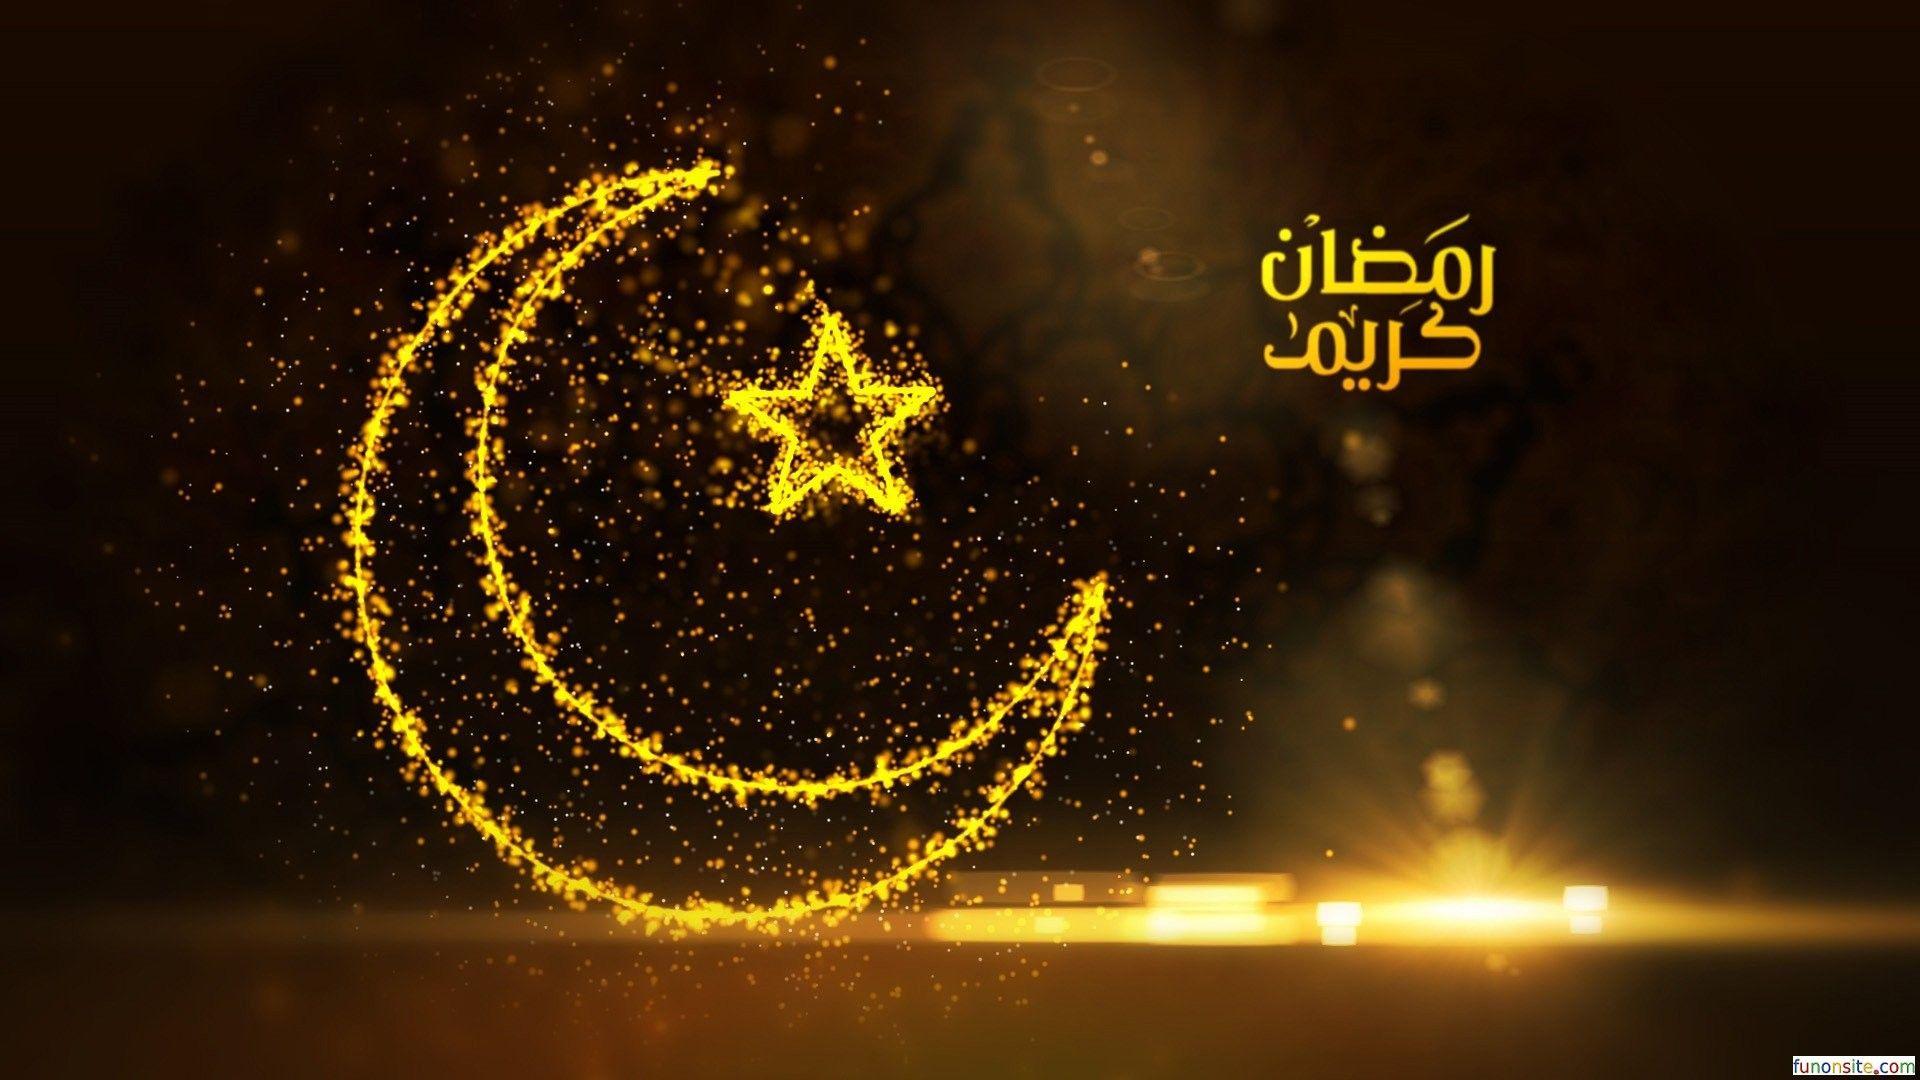 Wallpaper Hd Islamic Posted By Michelle Peltier